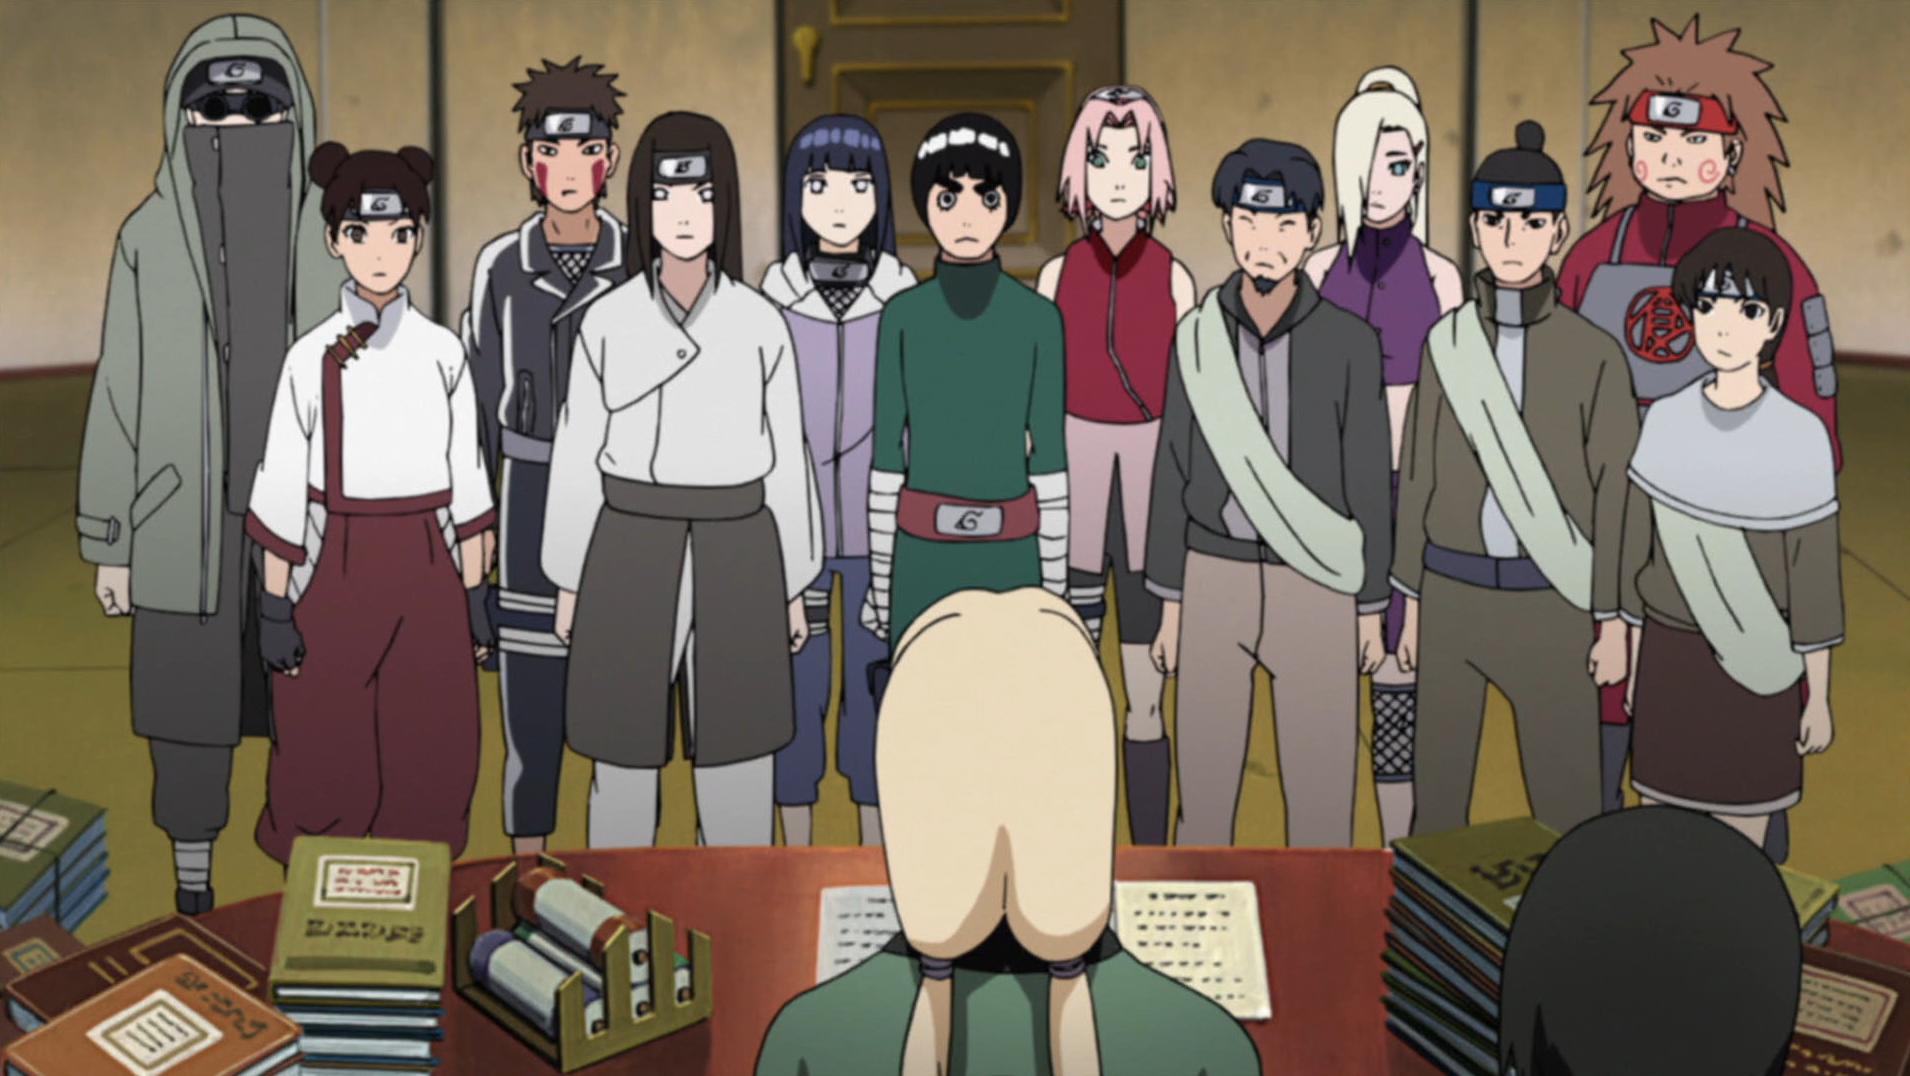 Episode: Hoffnung, die auf die Zukunft setzt | Narutopedia